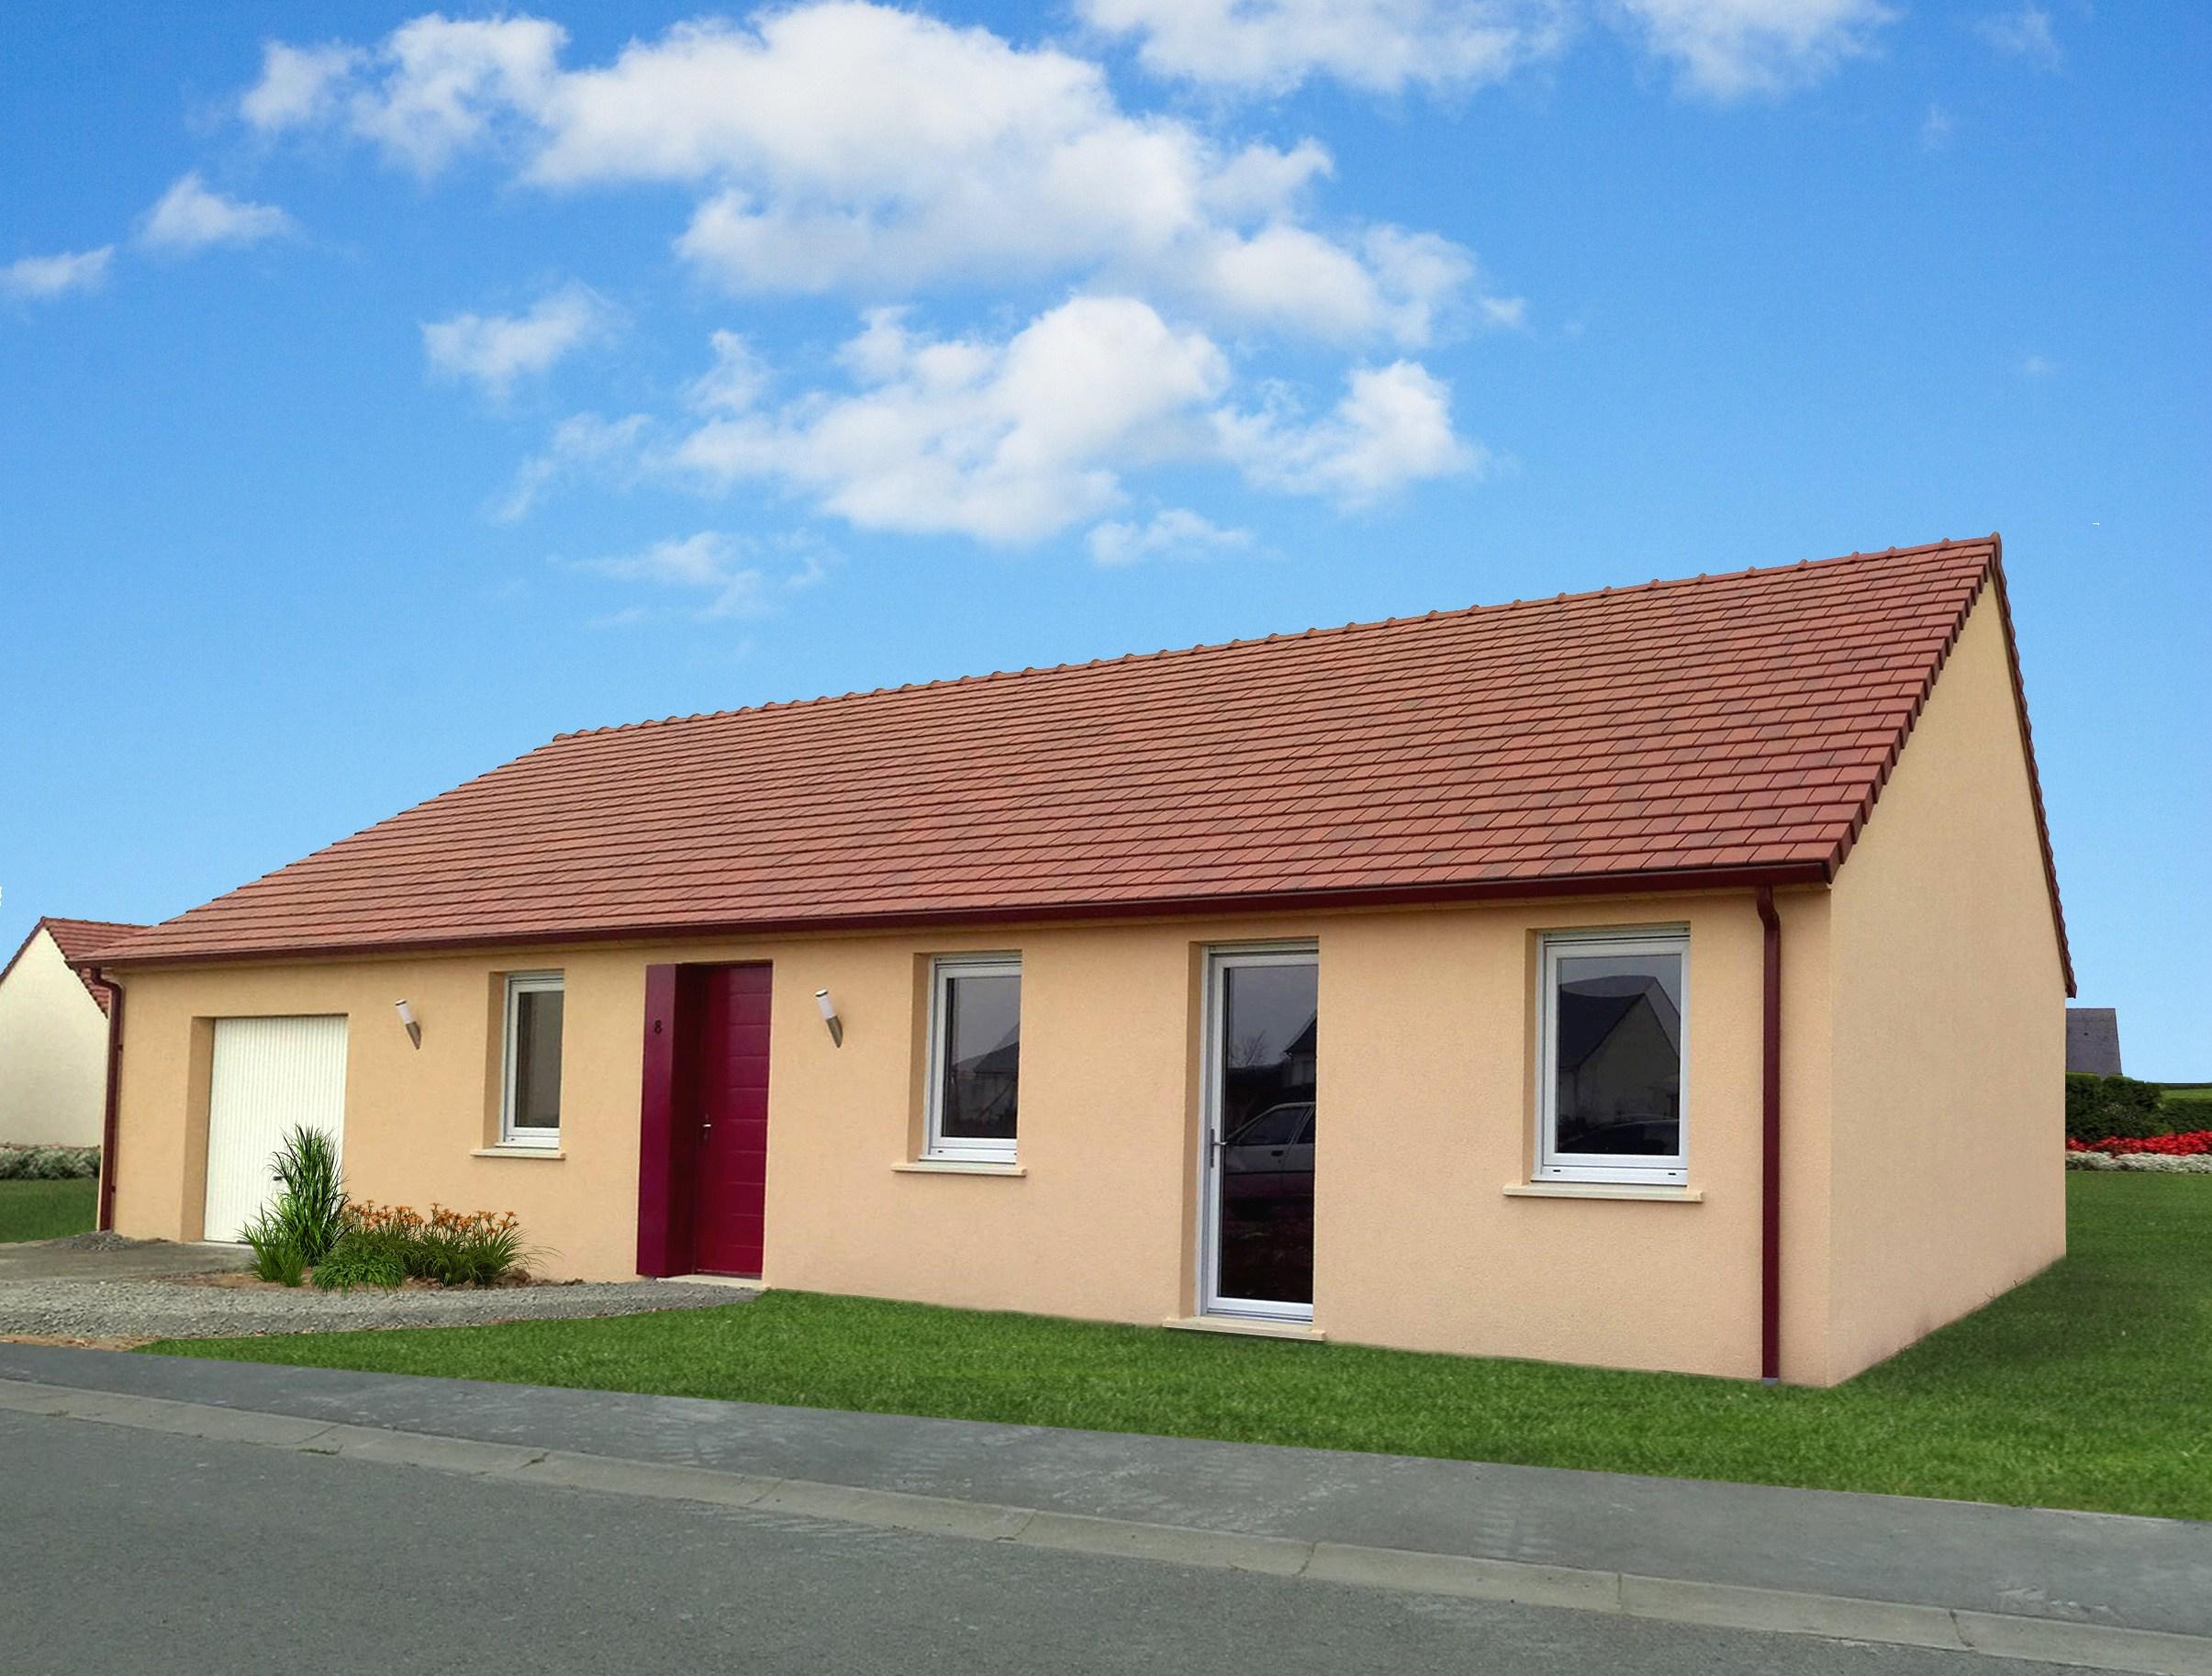 Maisons + Terrains du constructeur Maisons Phenix • 100 m² • AUTHEUIL AUTHOUILLET